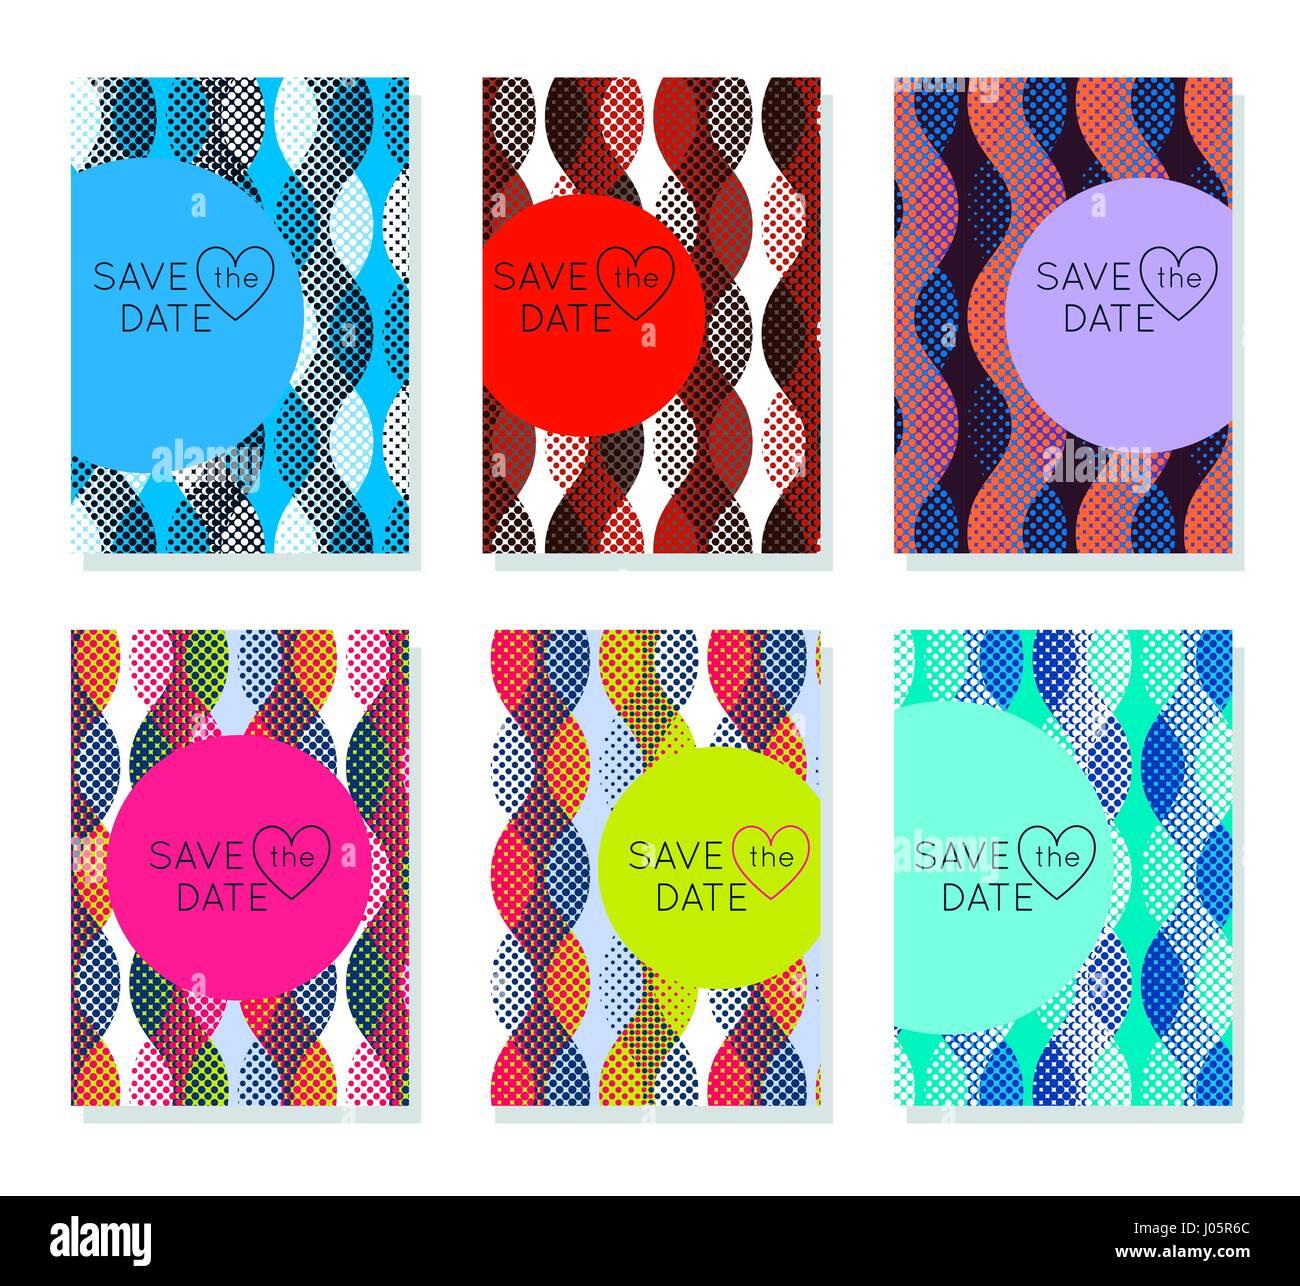 Einladung Karten Design Vorlage Set. Editierbare Layout Zum Geburtstag,  Einladung, Hochzeit, Babyparty, Valentinstag. Trendige Geometrische Memphis  St